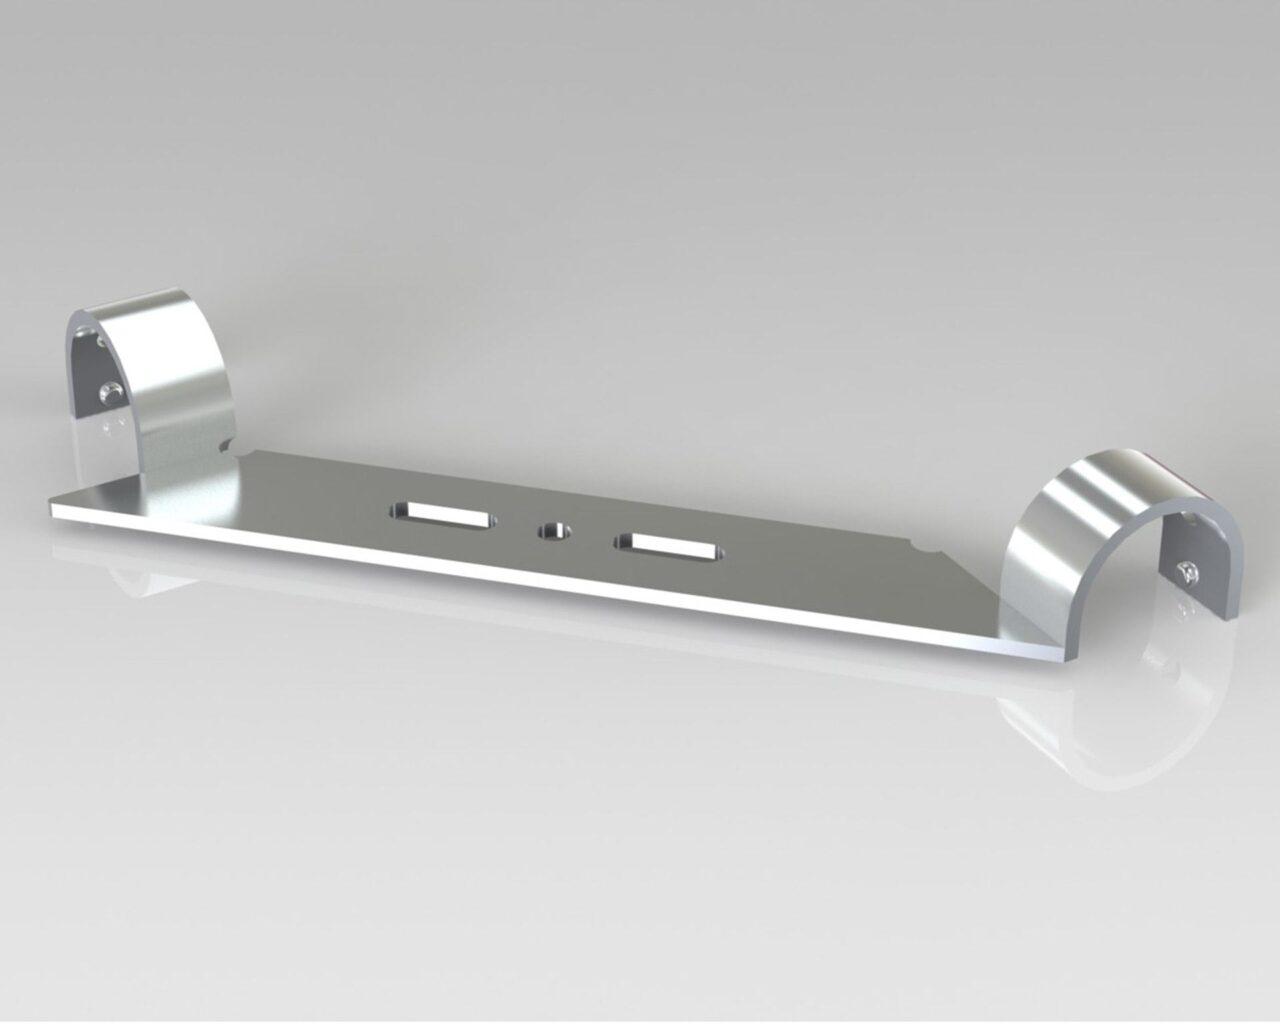 PEK3 Easytube Metal Accessories CM-B